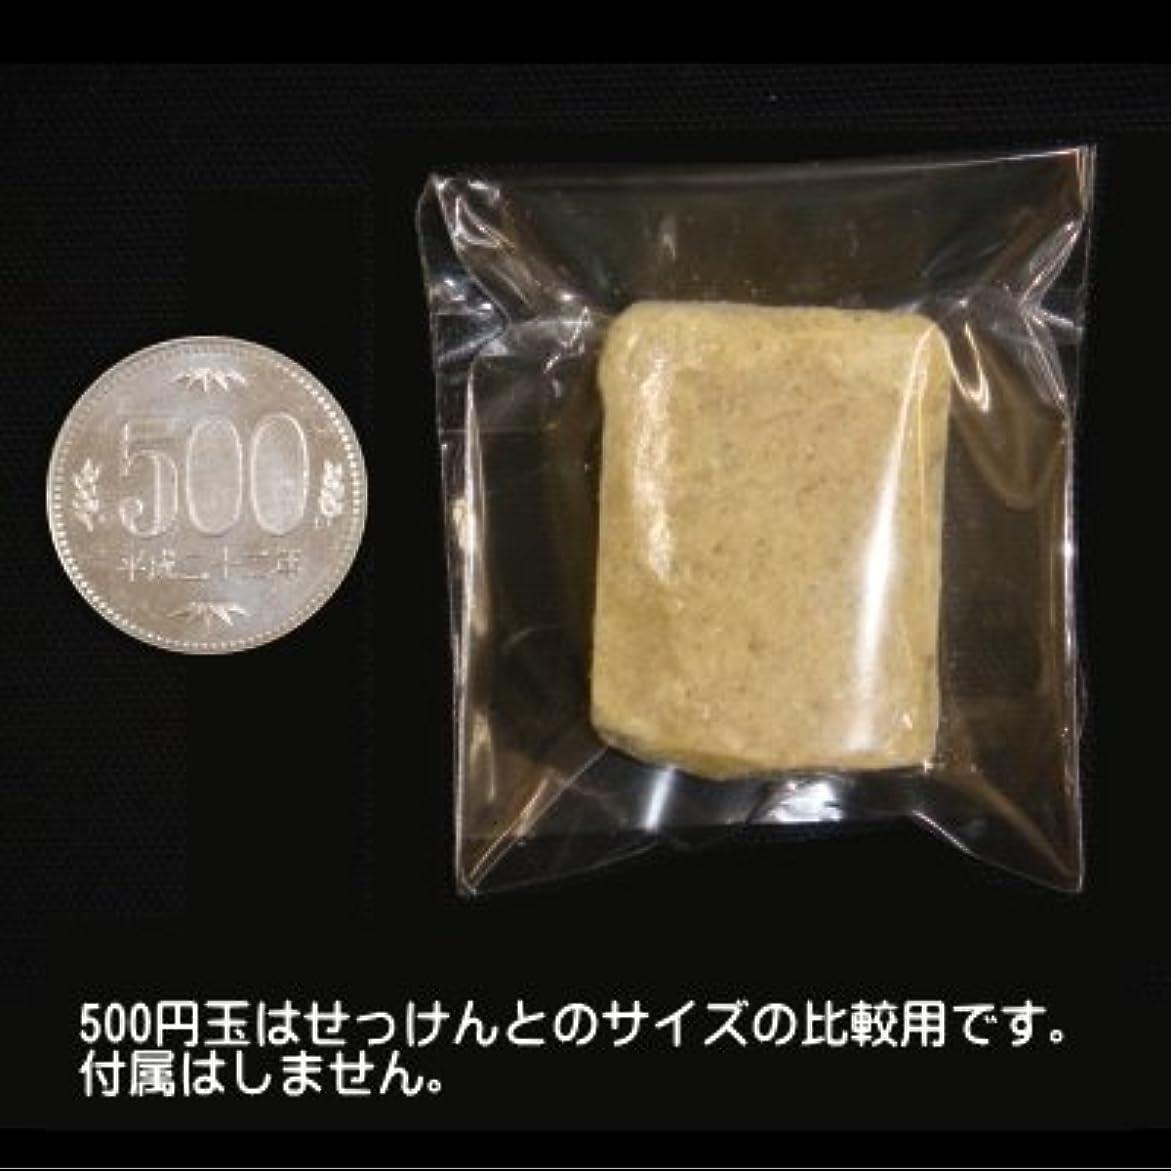 リーガンプレゼント裁判所緑茶ノニ石鹸 てづくり野にせっけんお試し用12g(無添加石鹸)